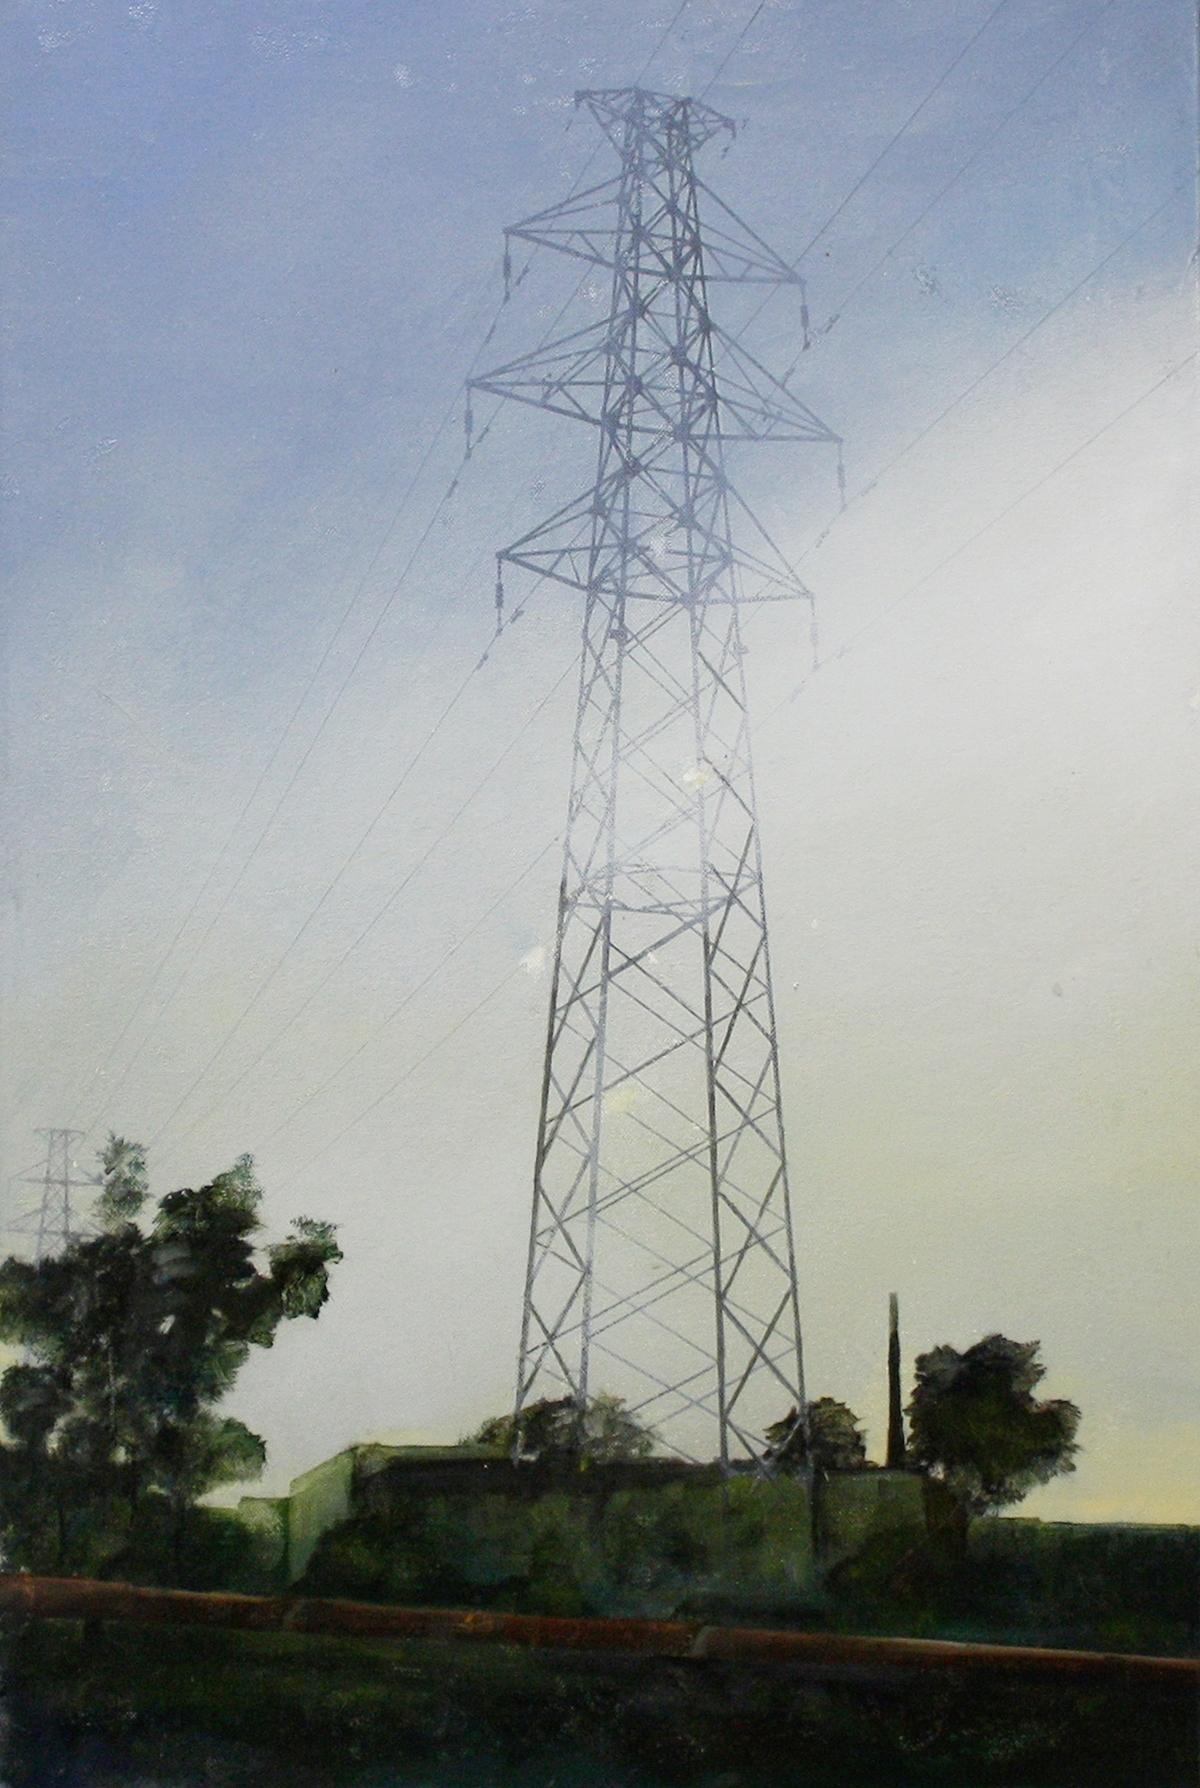 Edgeland 1   2012, oil on linen  50 x 76 cm